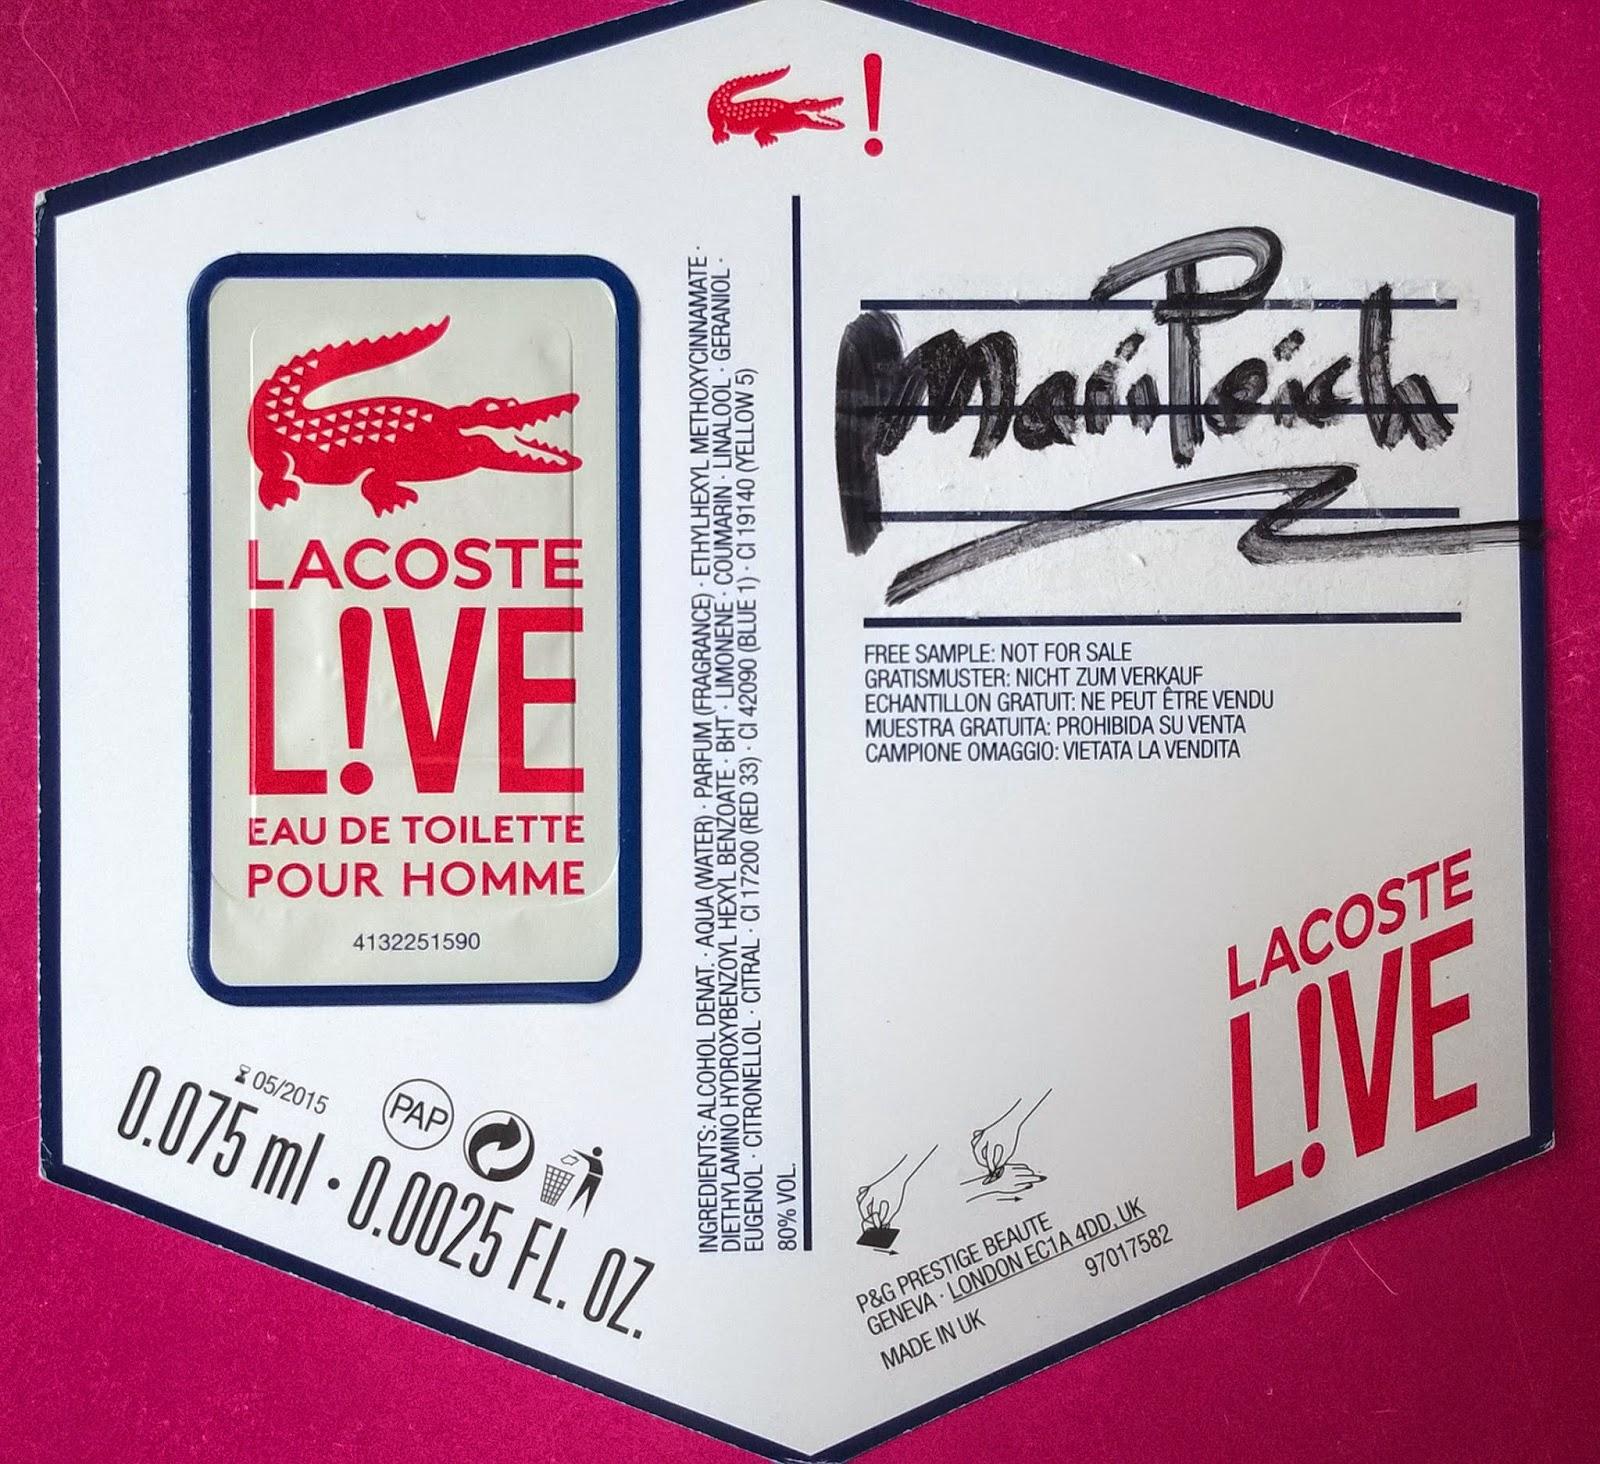 muestra gratis lacoste perfume